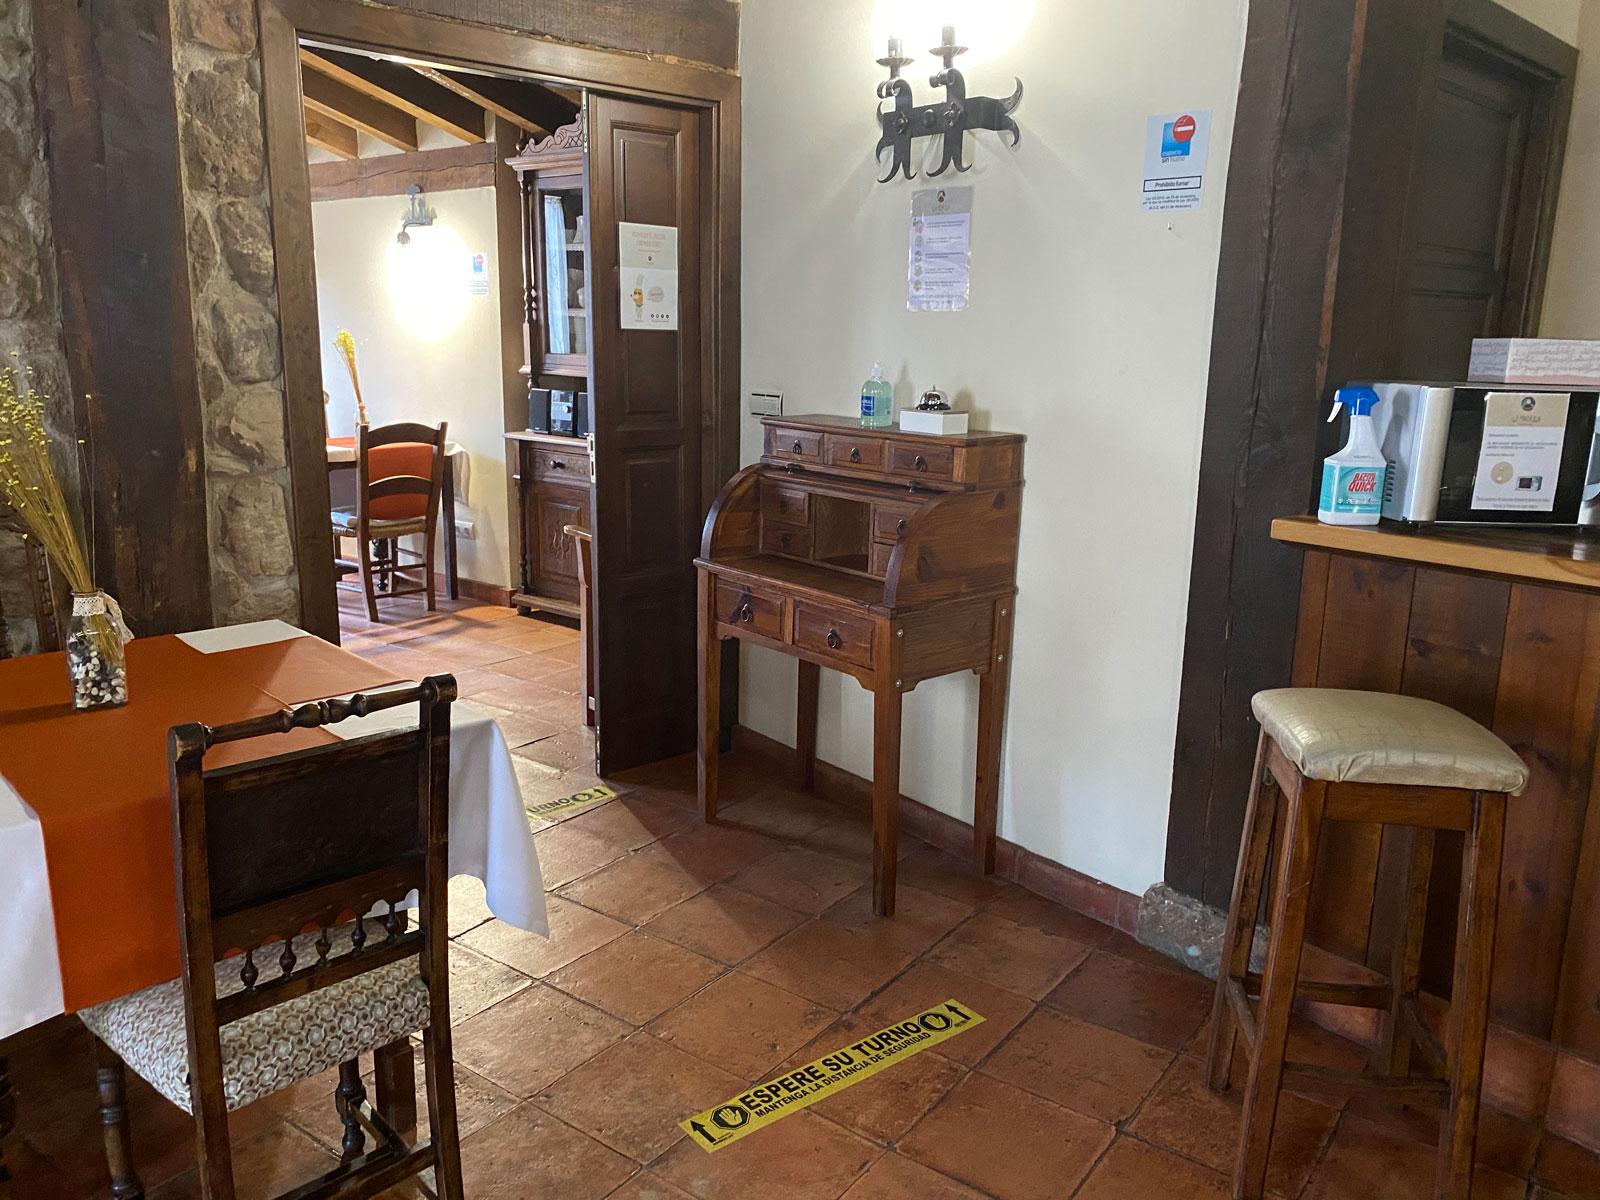 Medidas de seguridad Posada Rural La Piñorra de Vinuesa